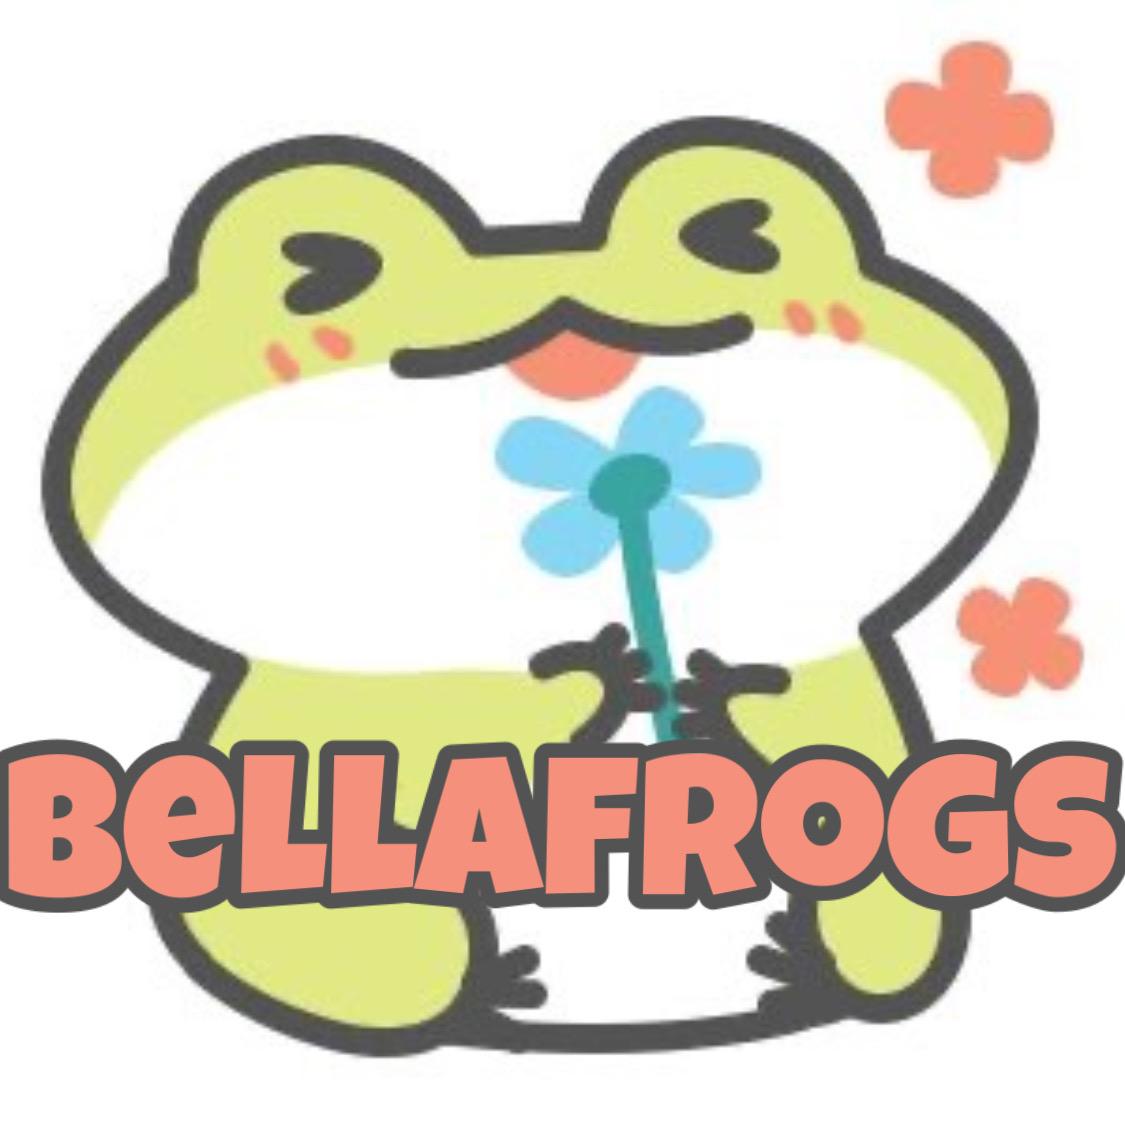 bellafrogs's avatar